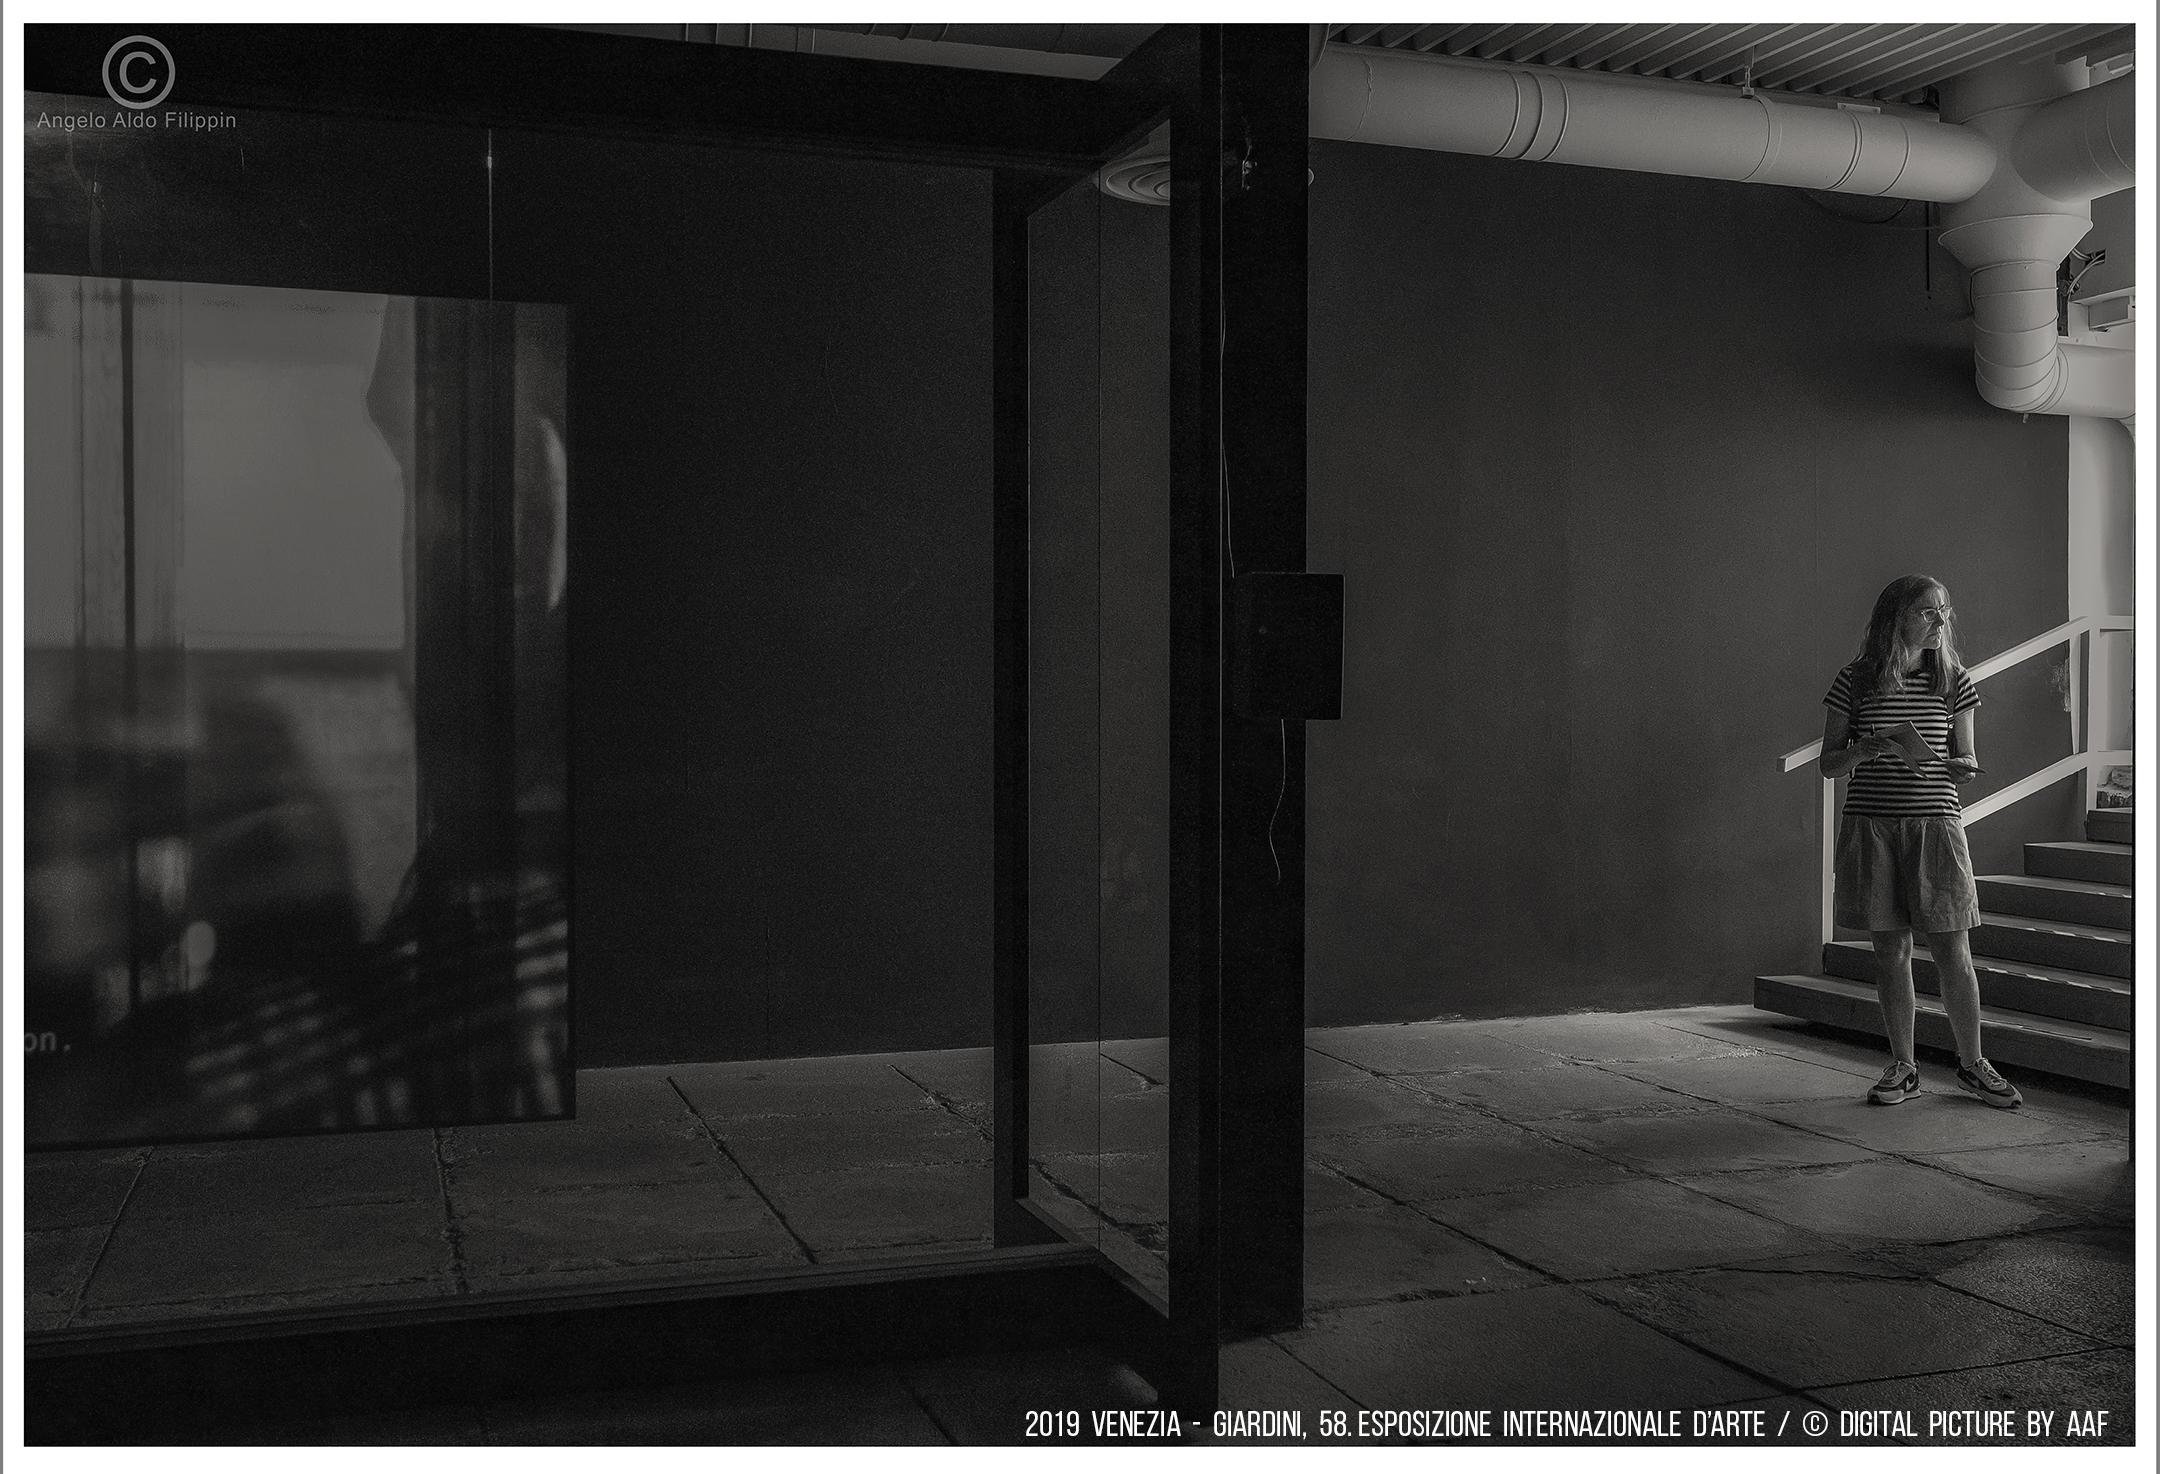 2019 Venezia, Giardini-58. Esposizione Intern. d'Arte...